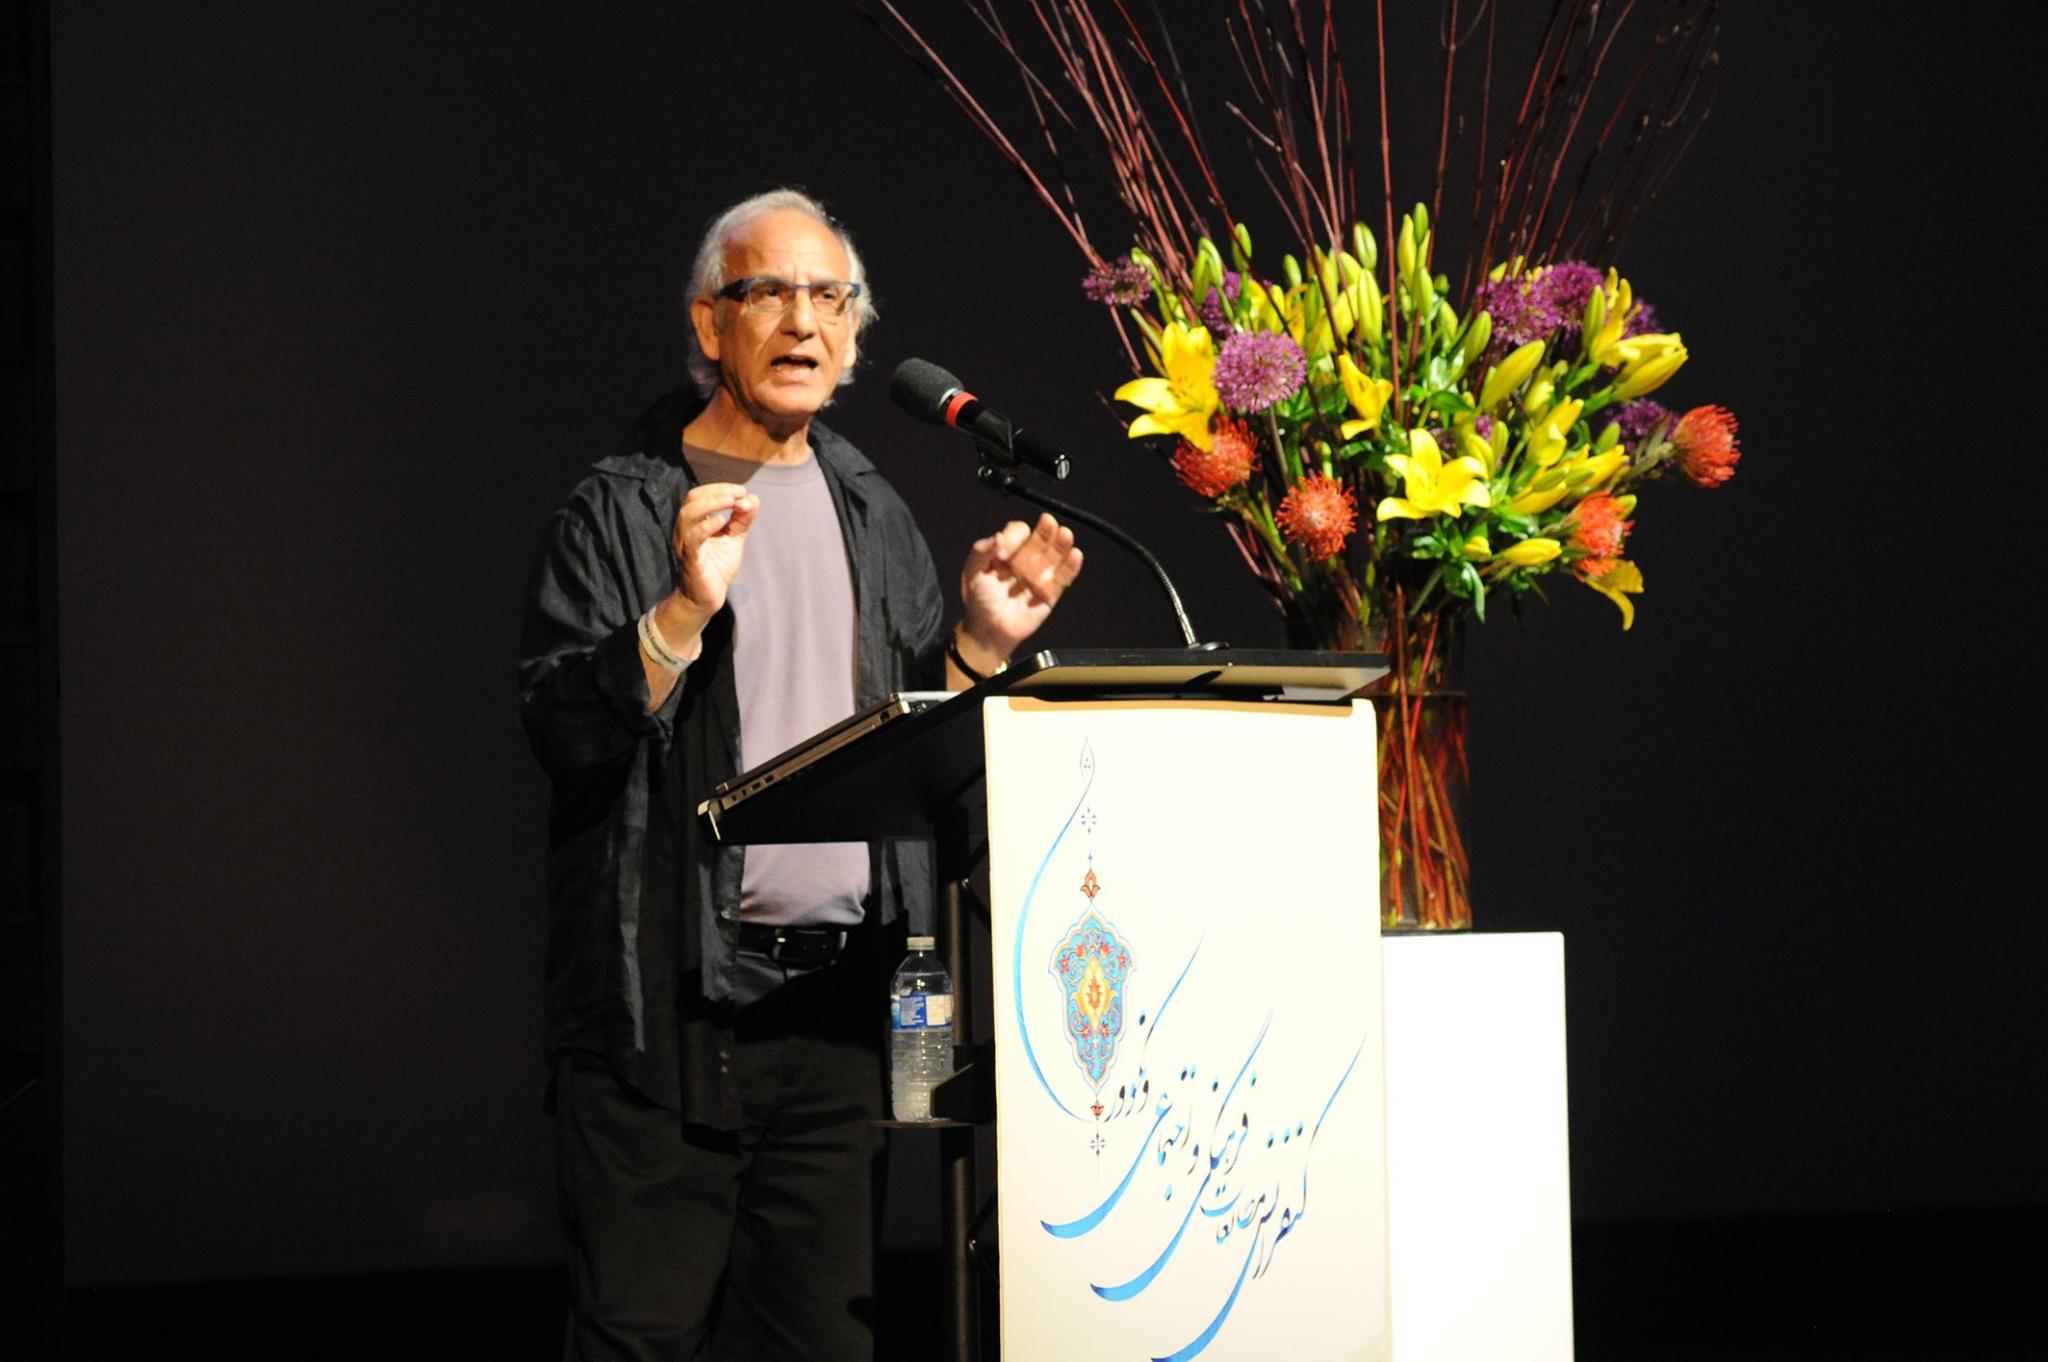 Dr. Nader Saiedi